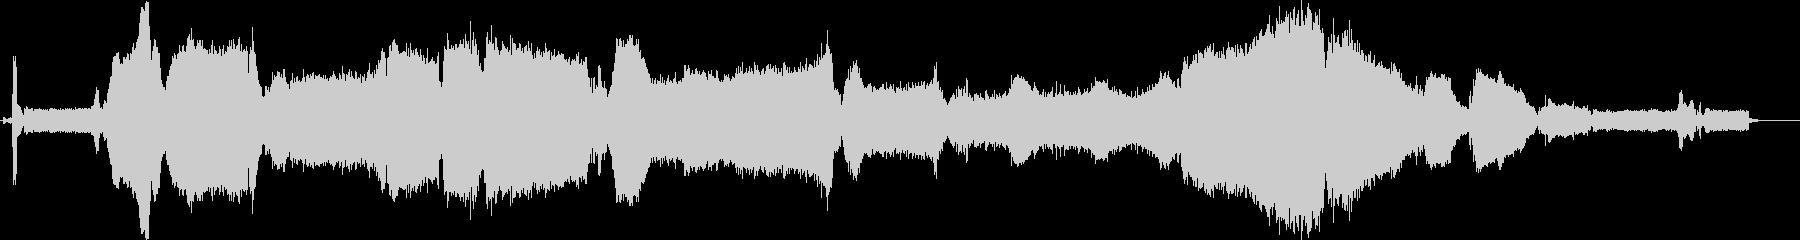 ポルシェ;インテリア;開始、低ドロ...の未再生の波形